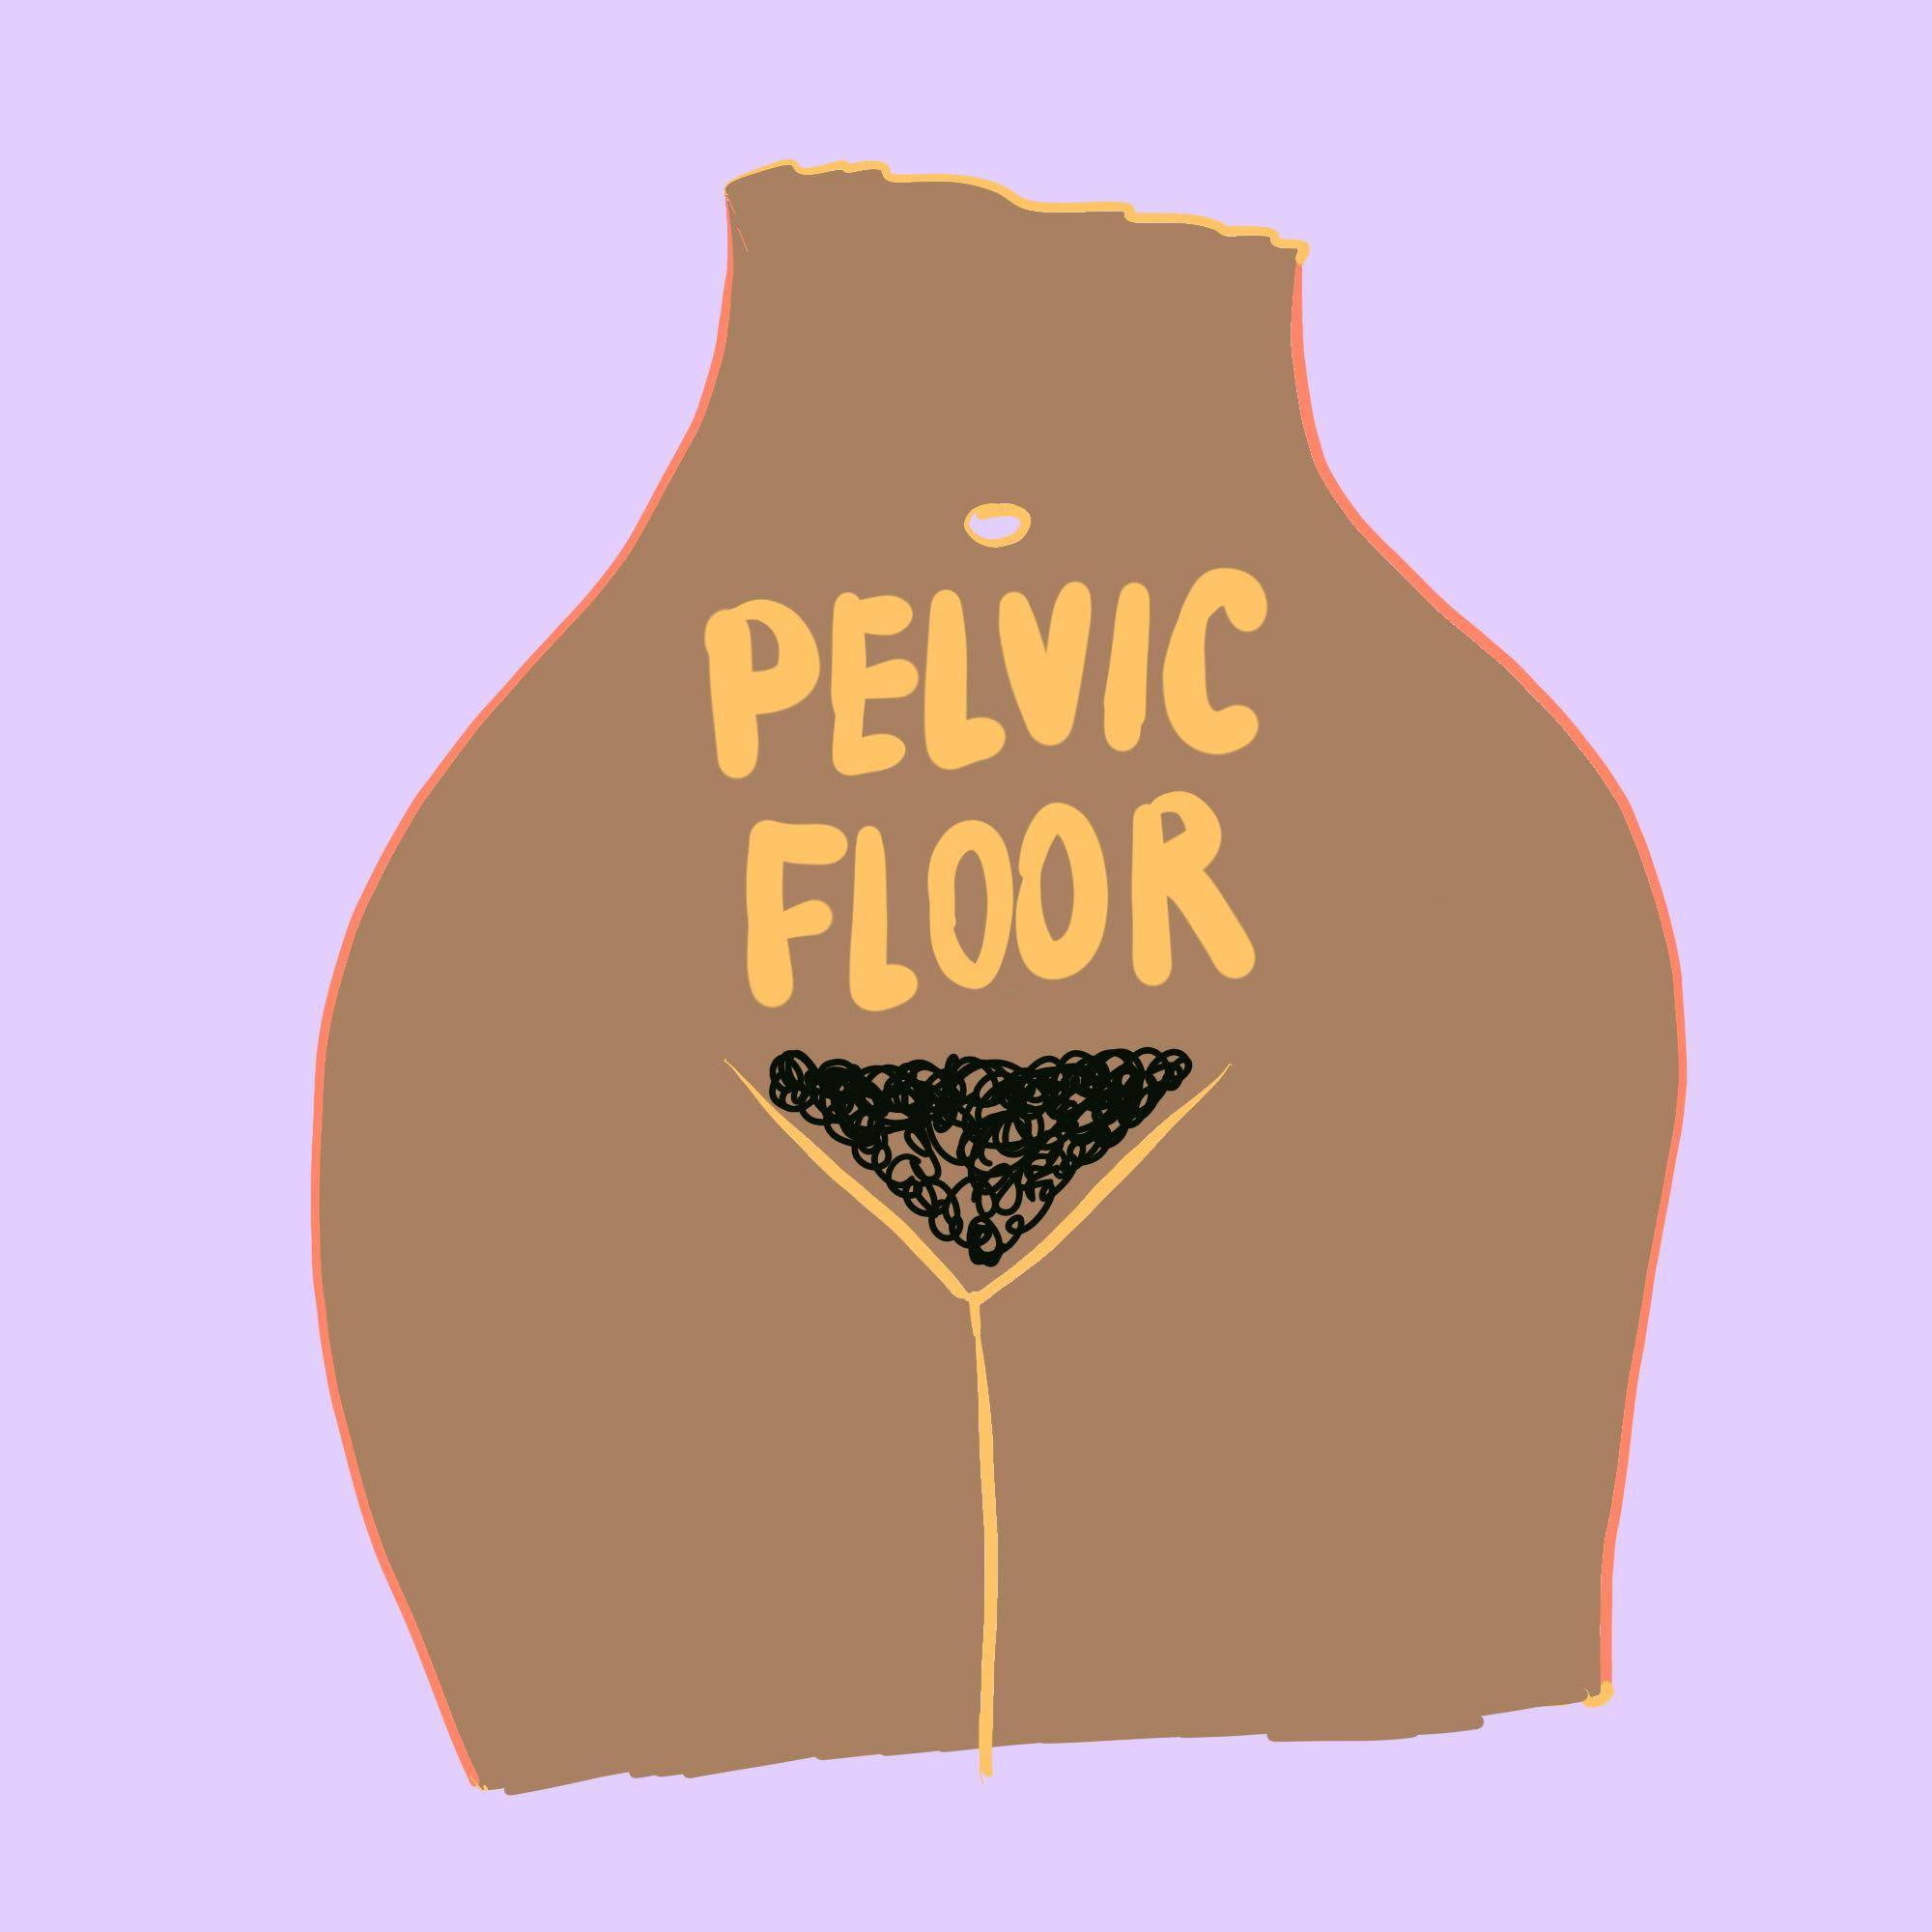 pelivic-floor-hero.jpg